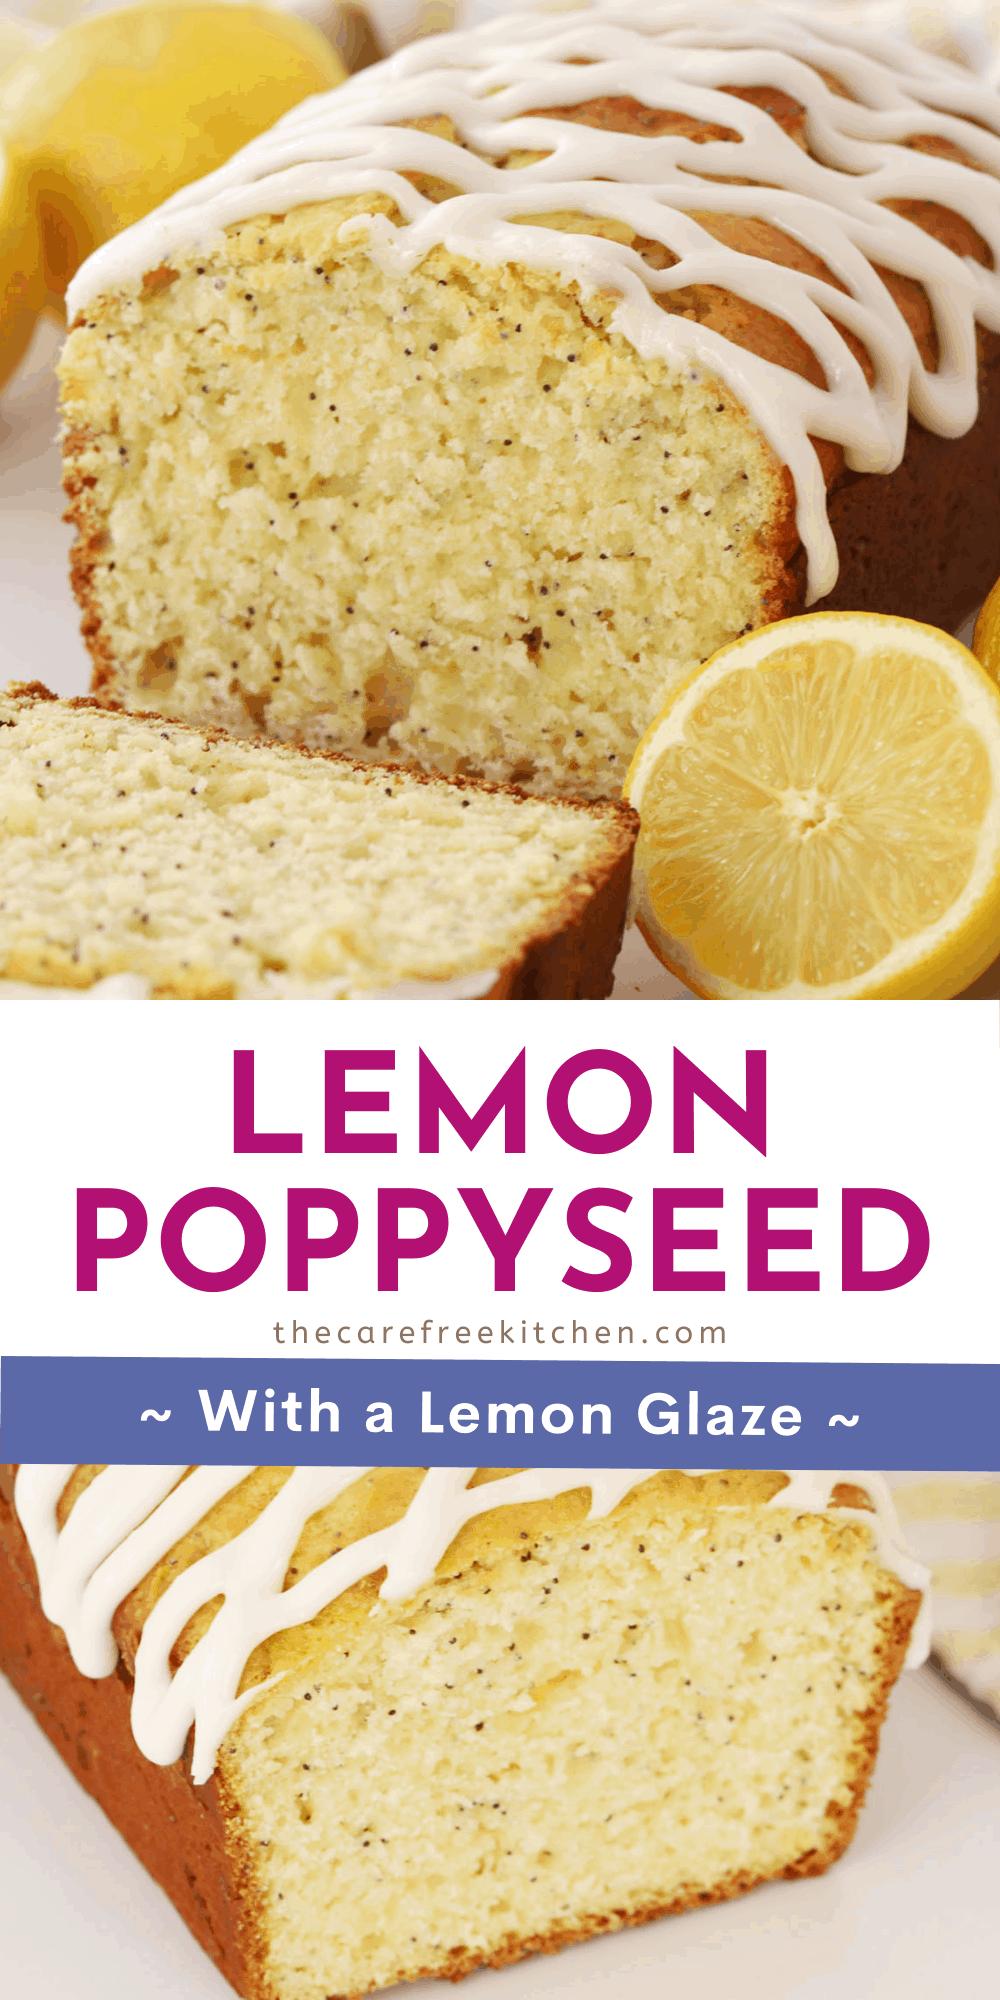 Pinterest pin for Lemon Poppy Seed bread.